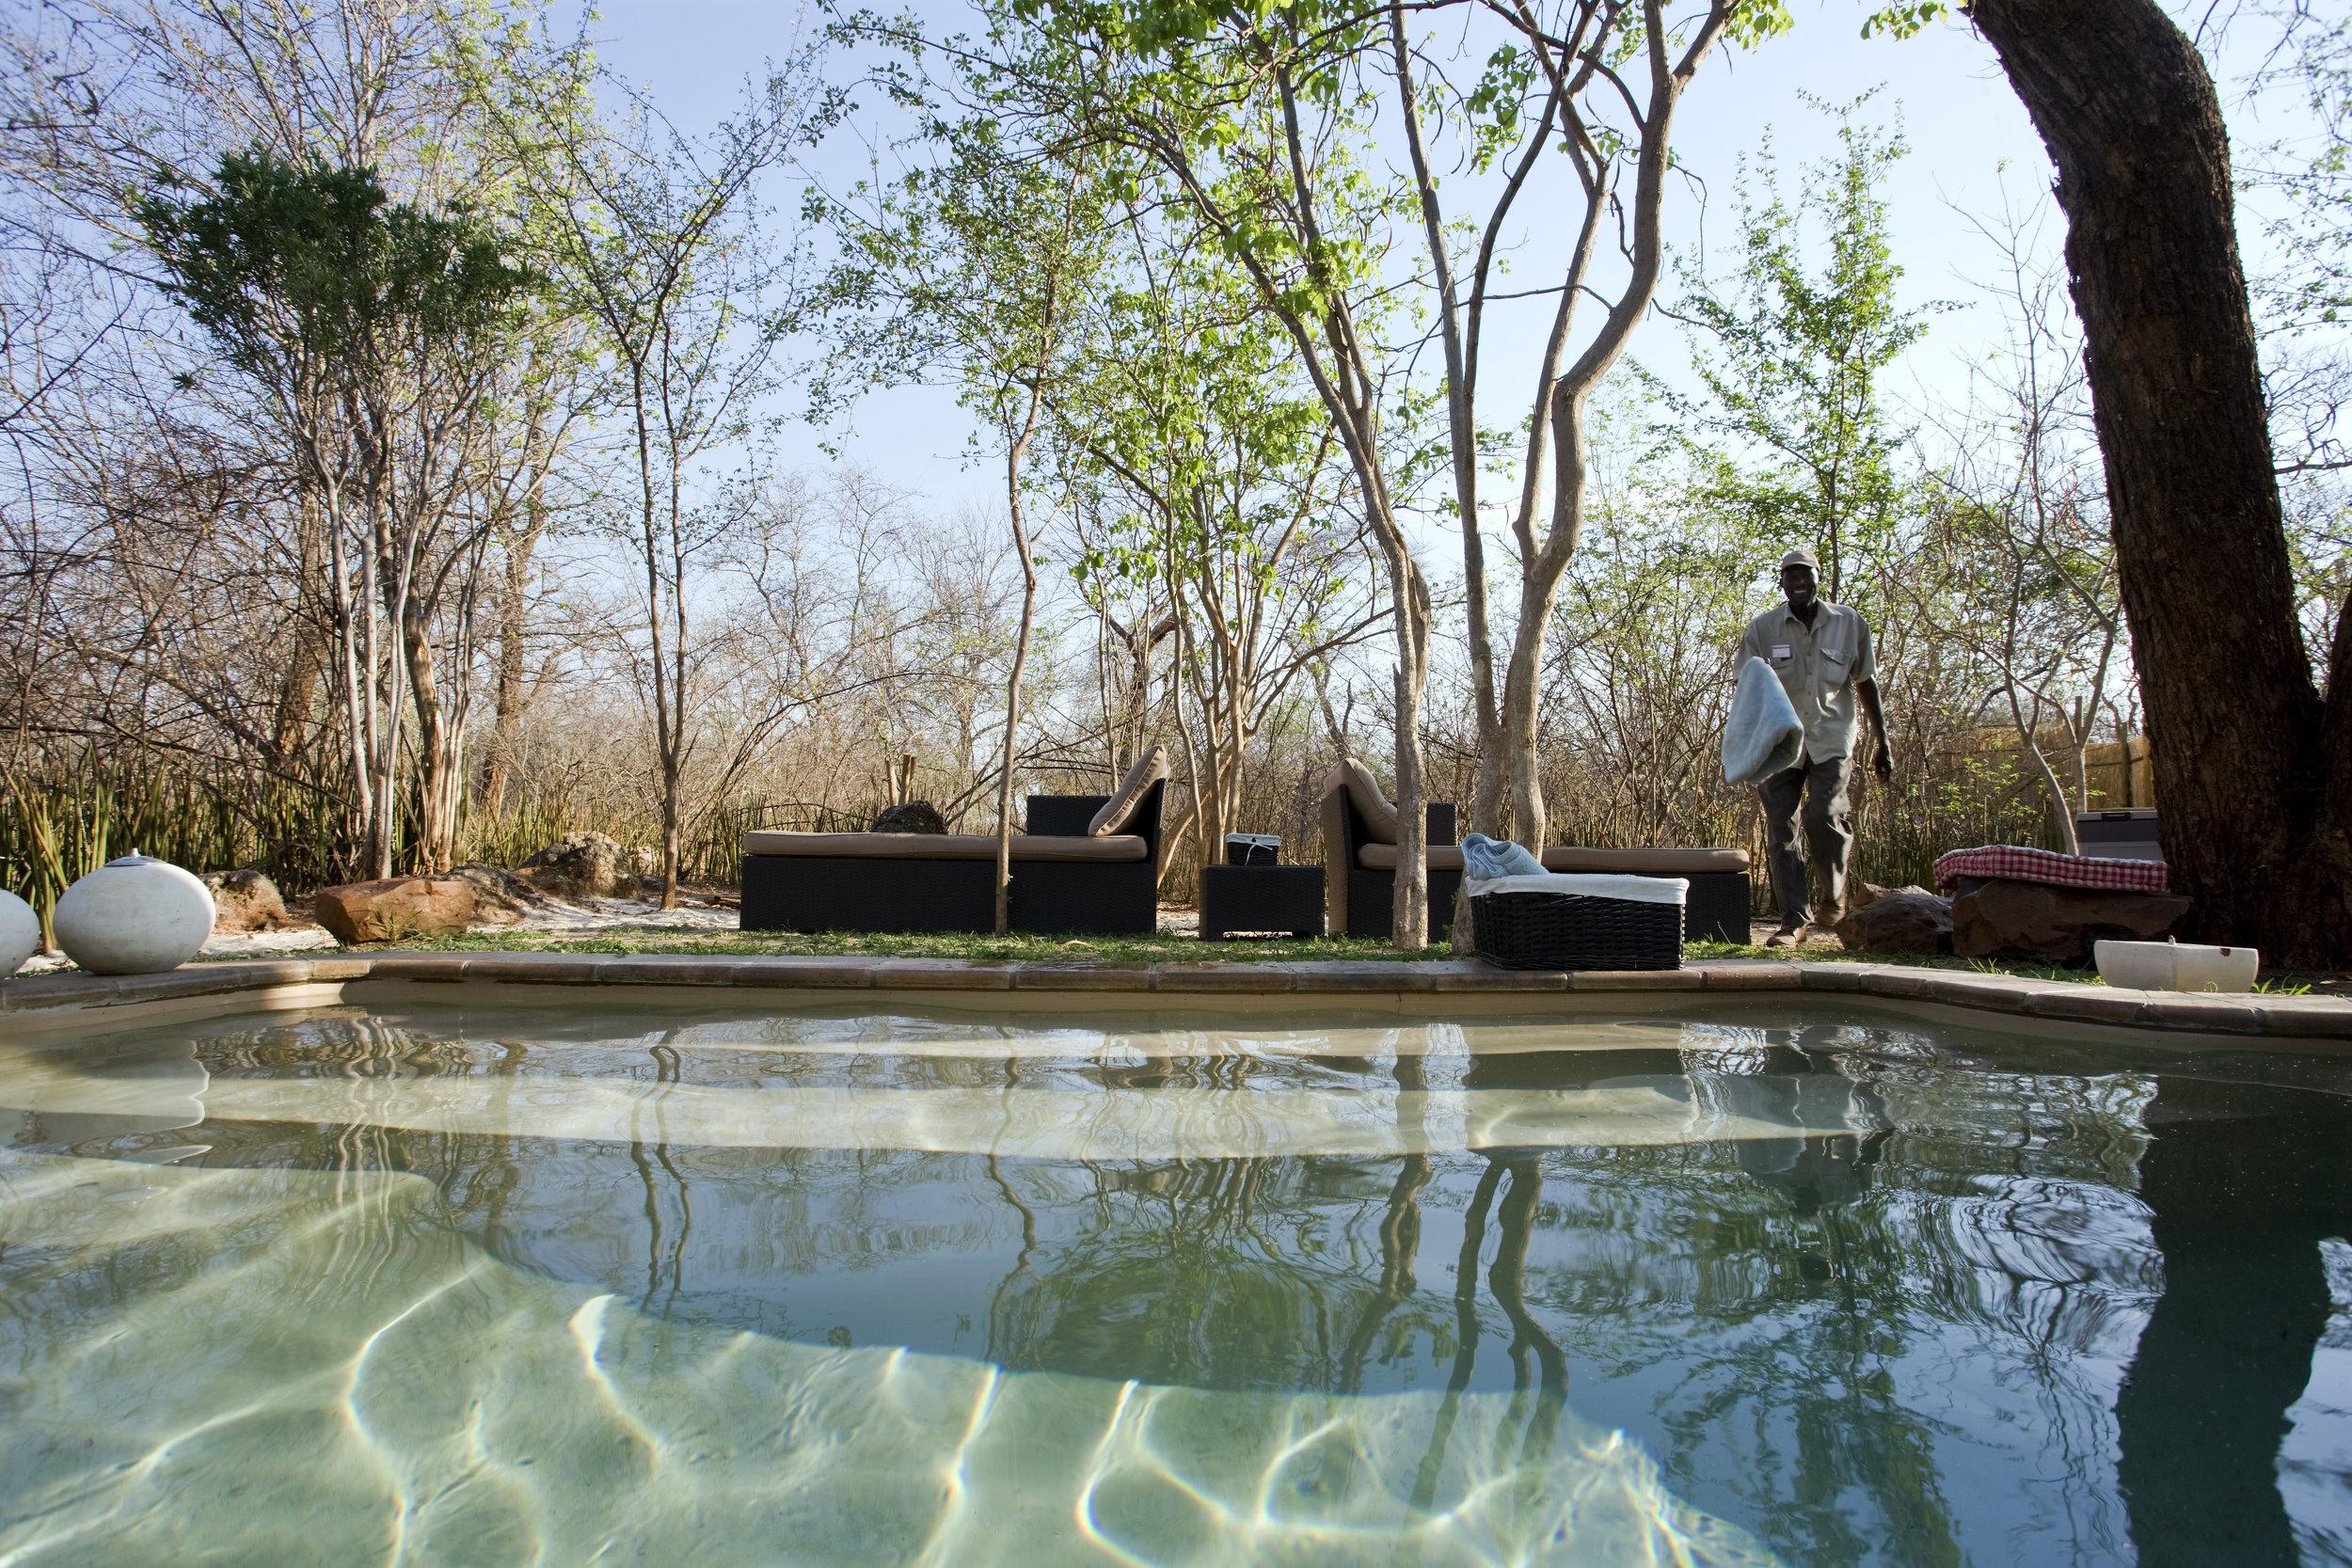 riverdance019.jpg